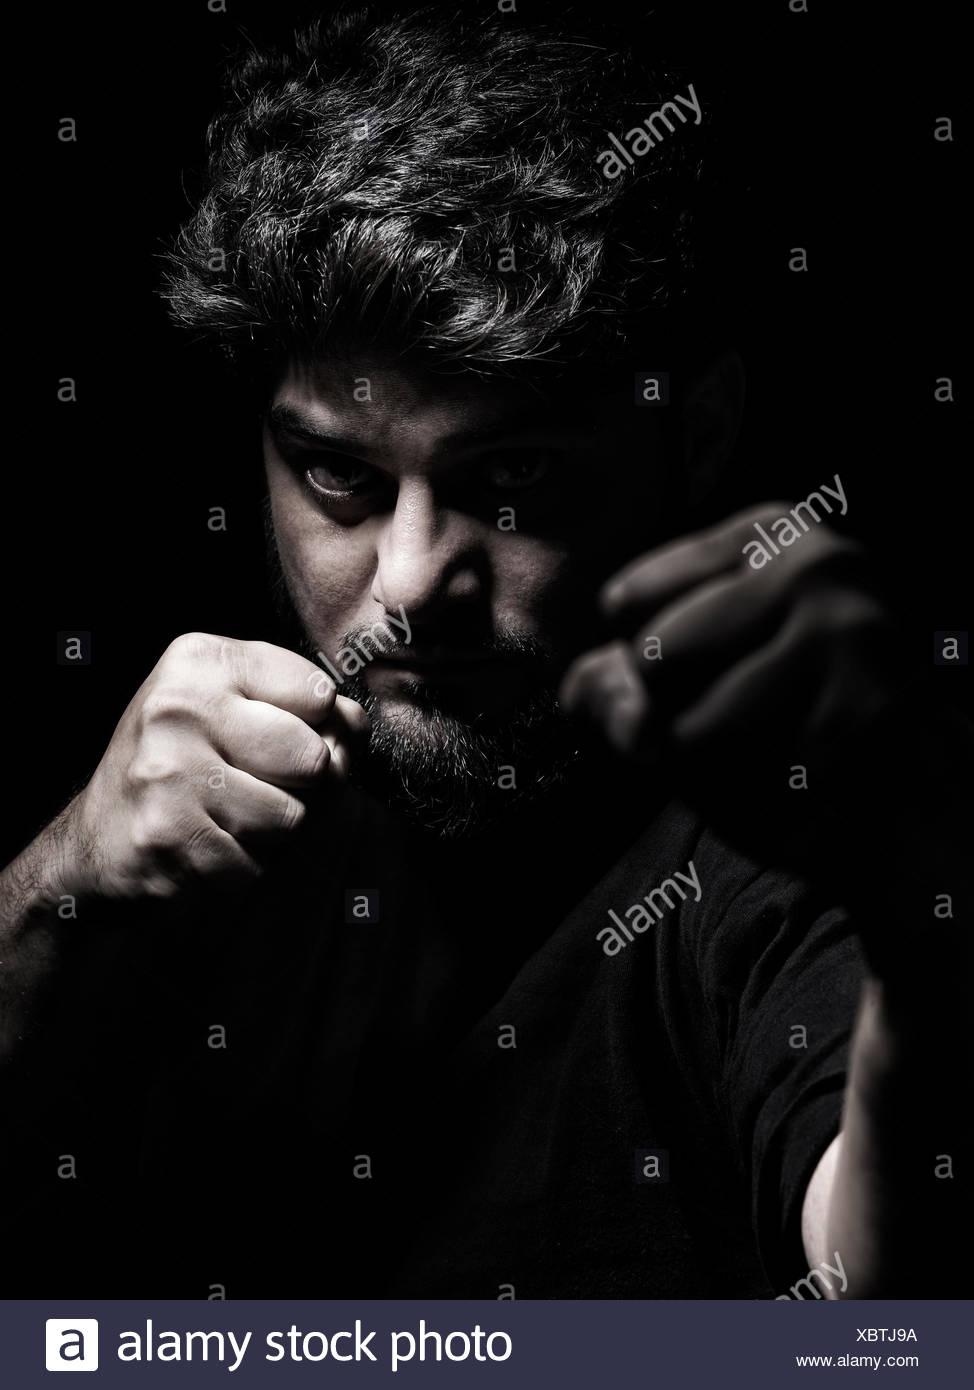 Dramatische Porträt eines Mannes in eine Kampfposition mit Fäusten vor seinem Gesicht Stockbild